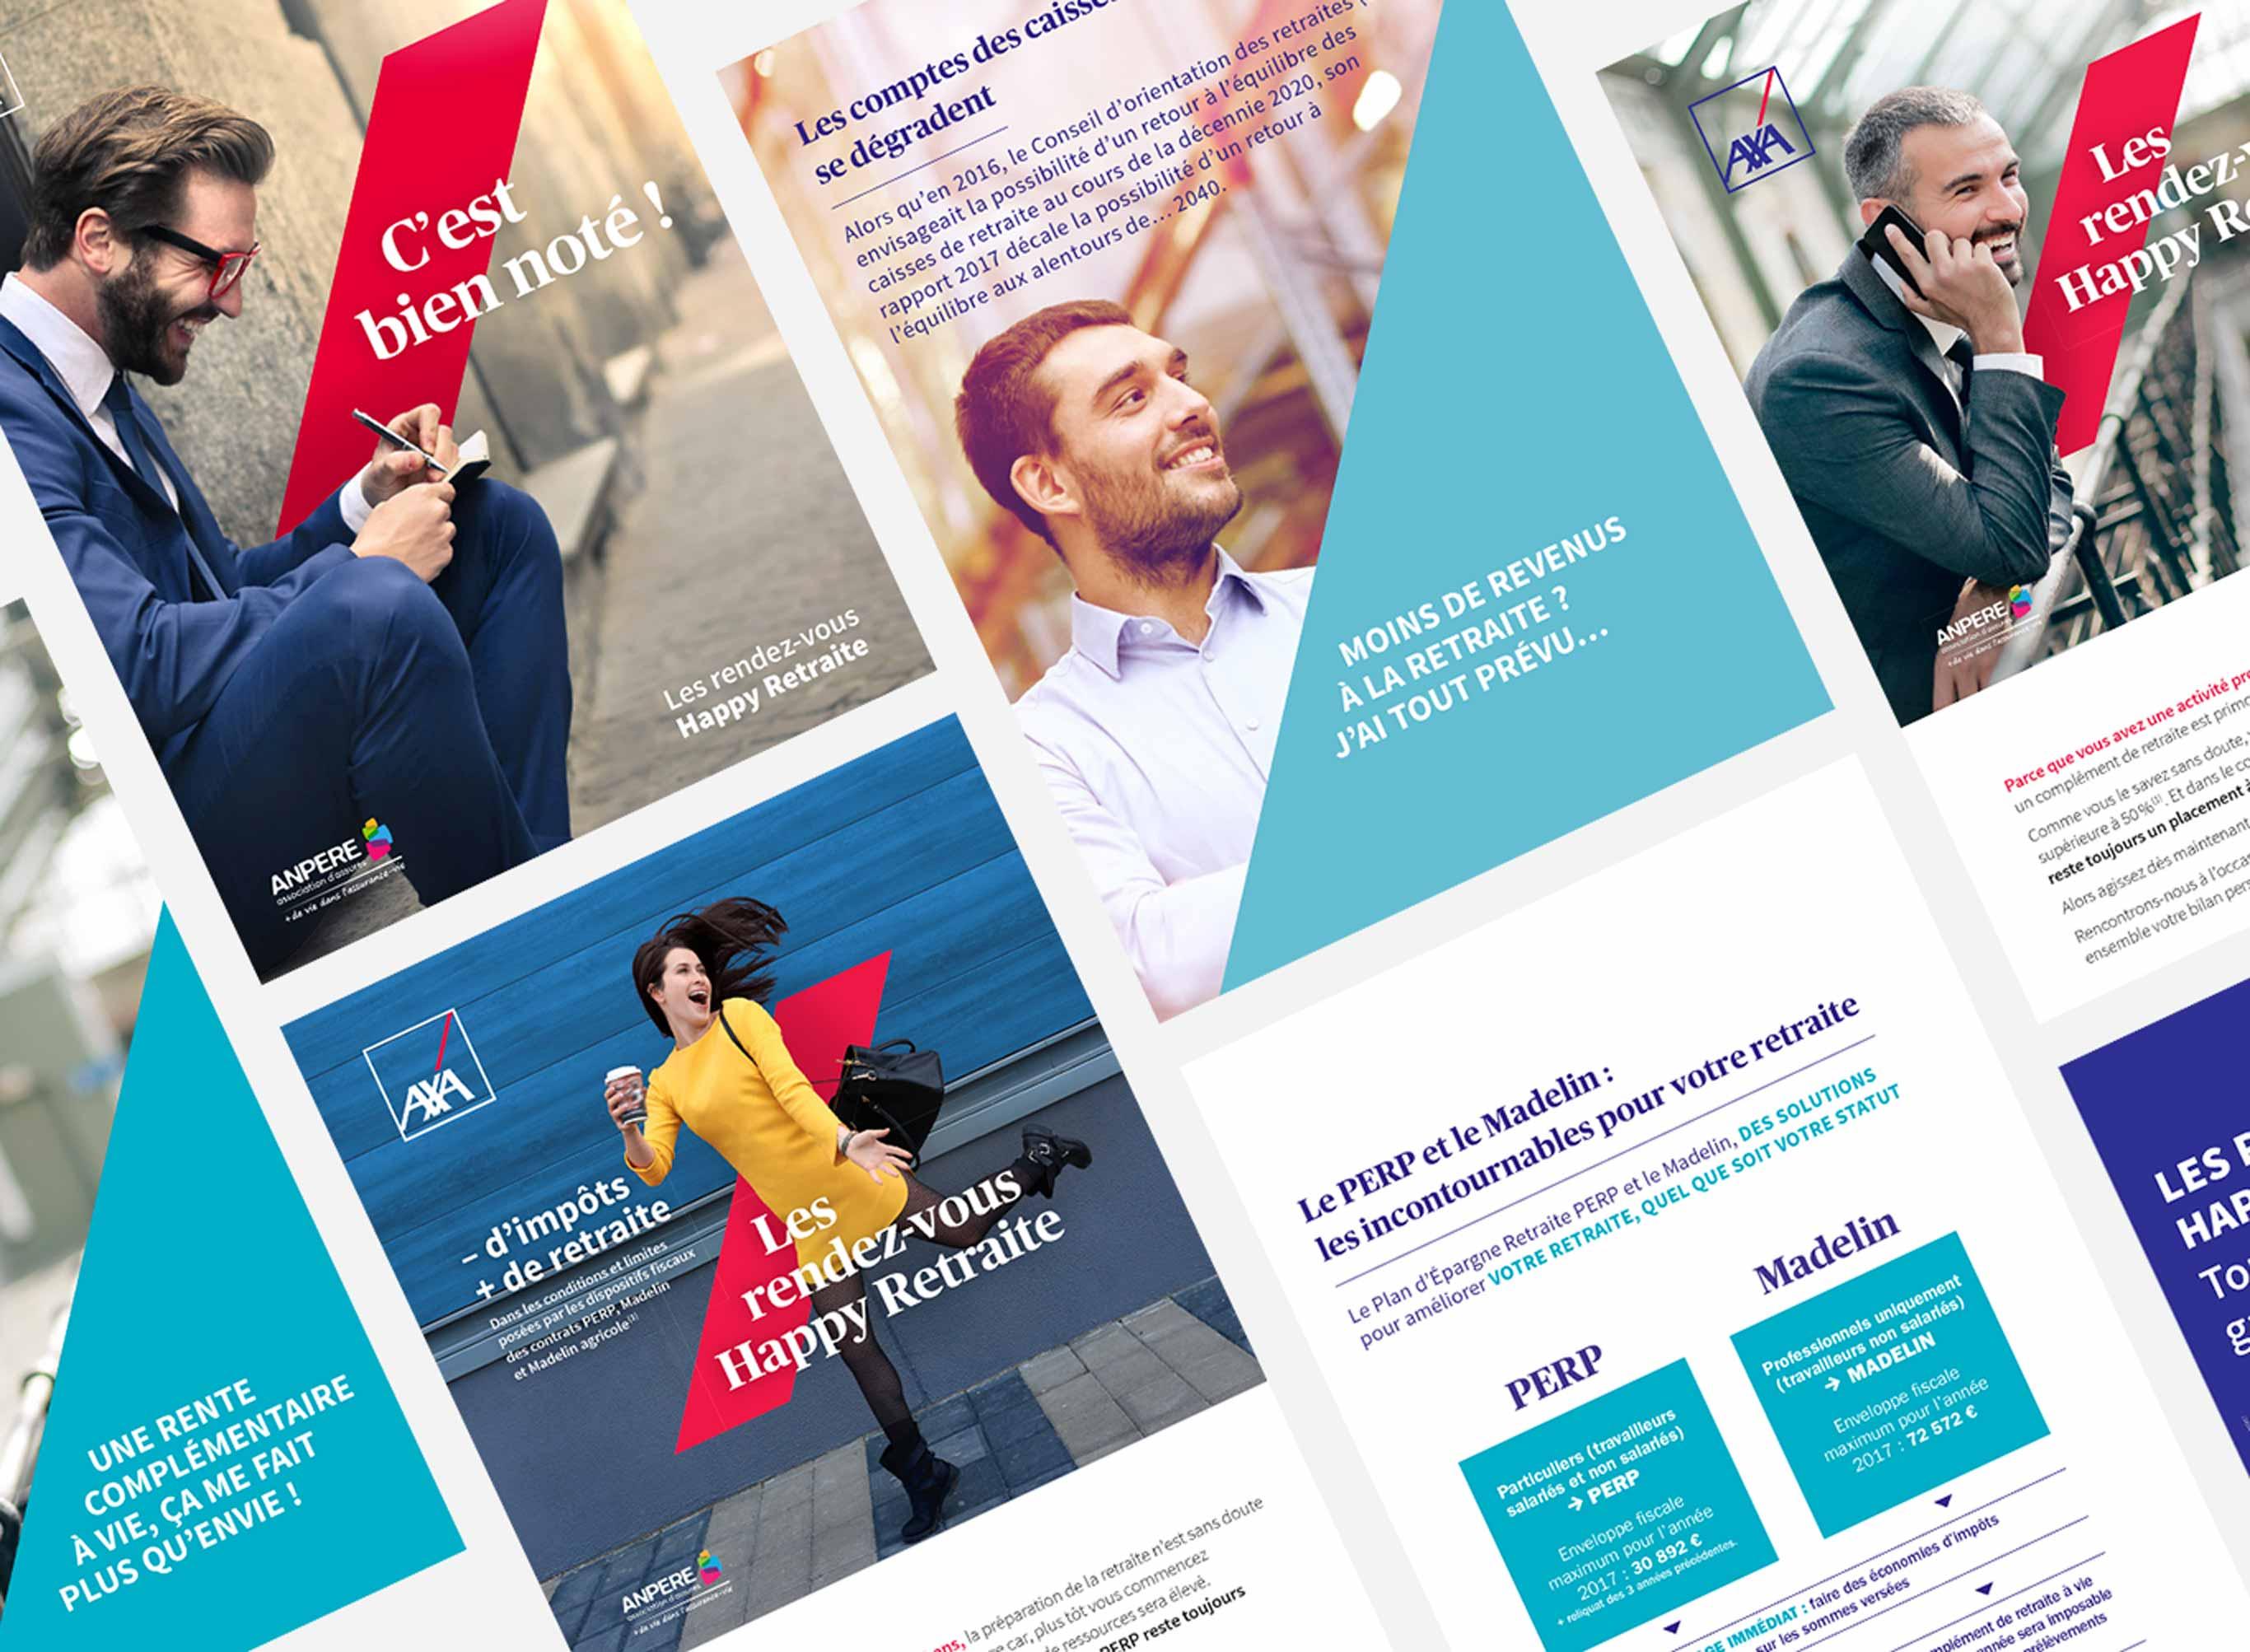 La ressource de pouvoir offrir à AXA une nouvelle campagne Marketing chaque année